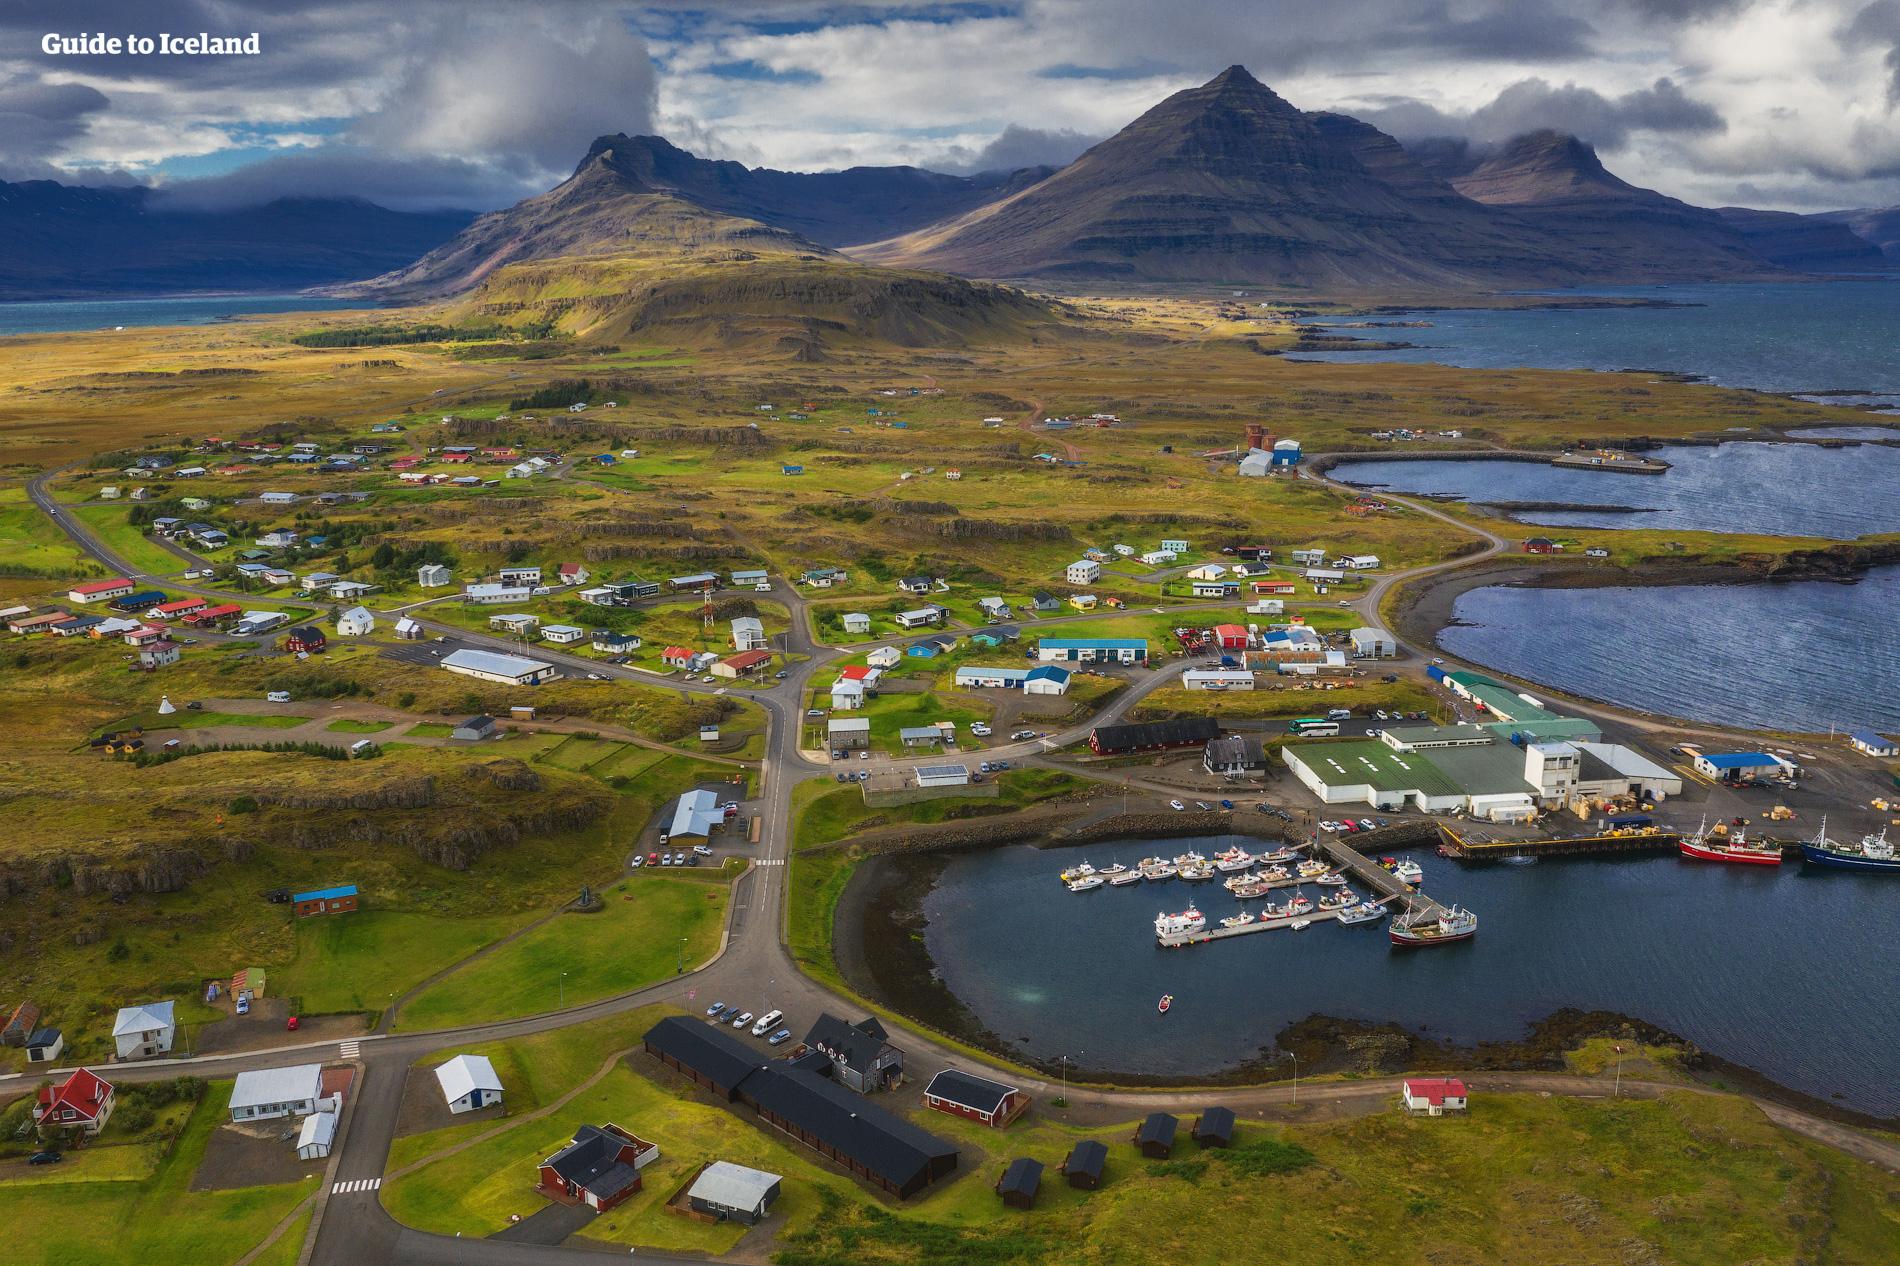 En el este de Islandia, estarás expuesto a maravillas naturales e impresionantes paisajes dondequiera que vayas.